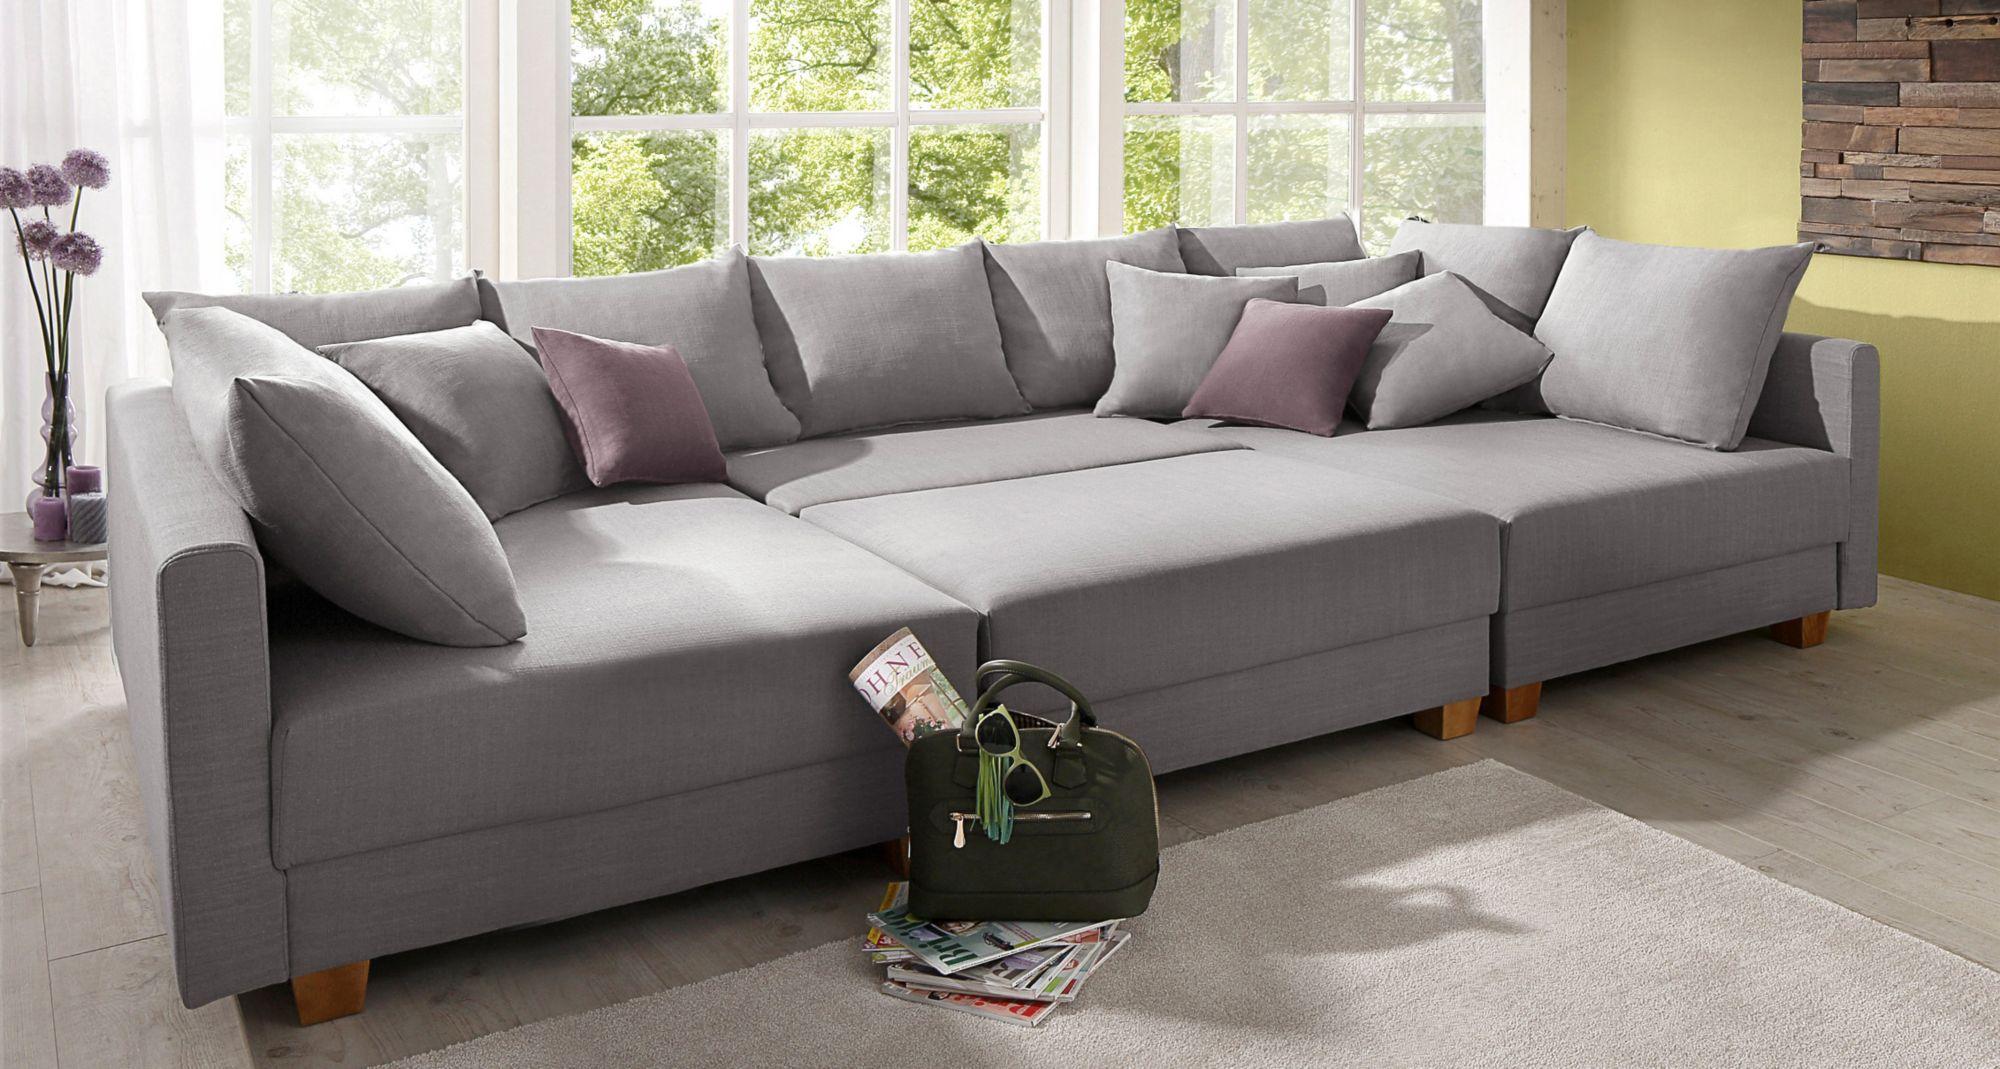 home affaire wohnlandschaft antiebes mit federkern. Black Bedroom Furniture Sets. Home Design Ideas